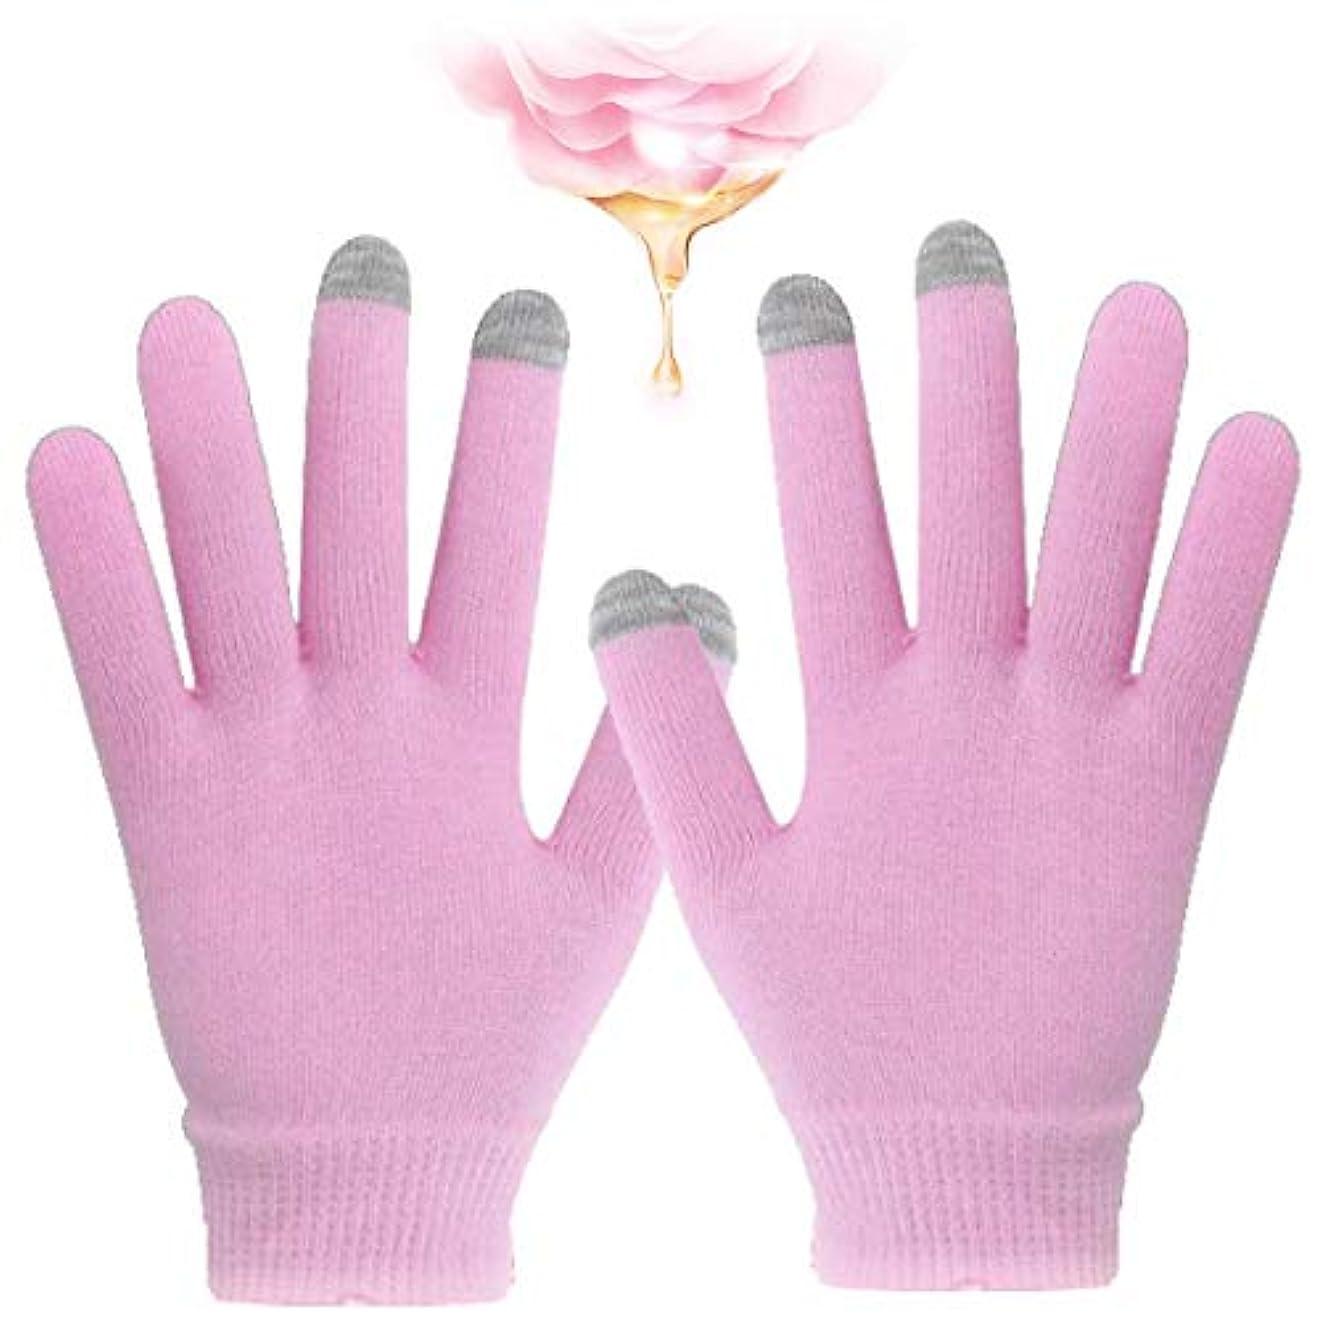 芸術注釈を付ける鉱石ハンドケア 手袋 スマホ対応 手袋 ゲル 保湿 美容成分配合 手荒れ 対策 おやすみ スキンケア グローブ うるおい 保護 タブレット